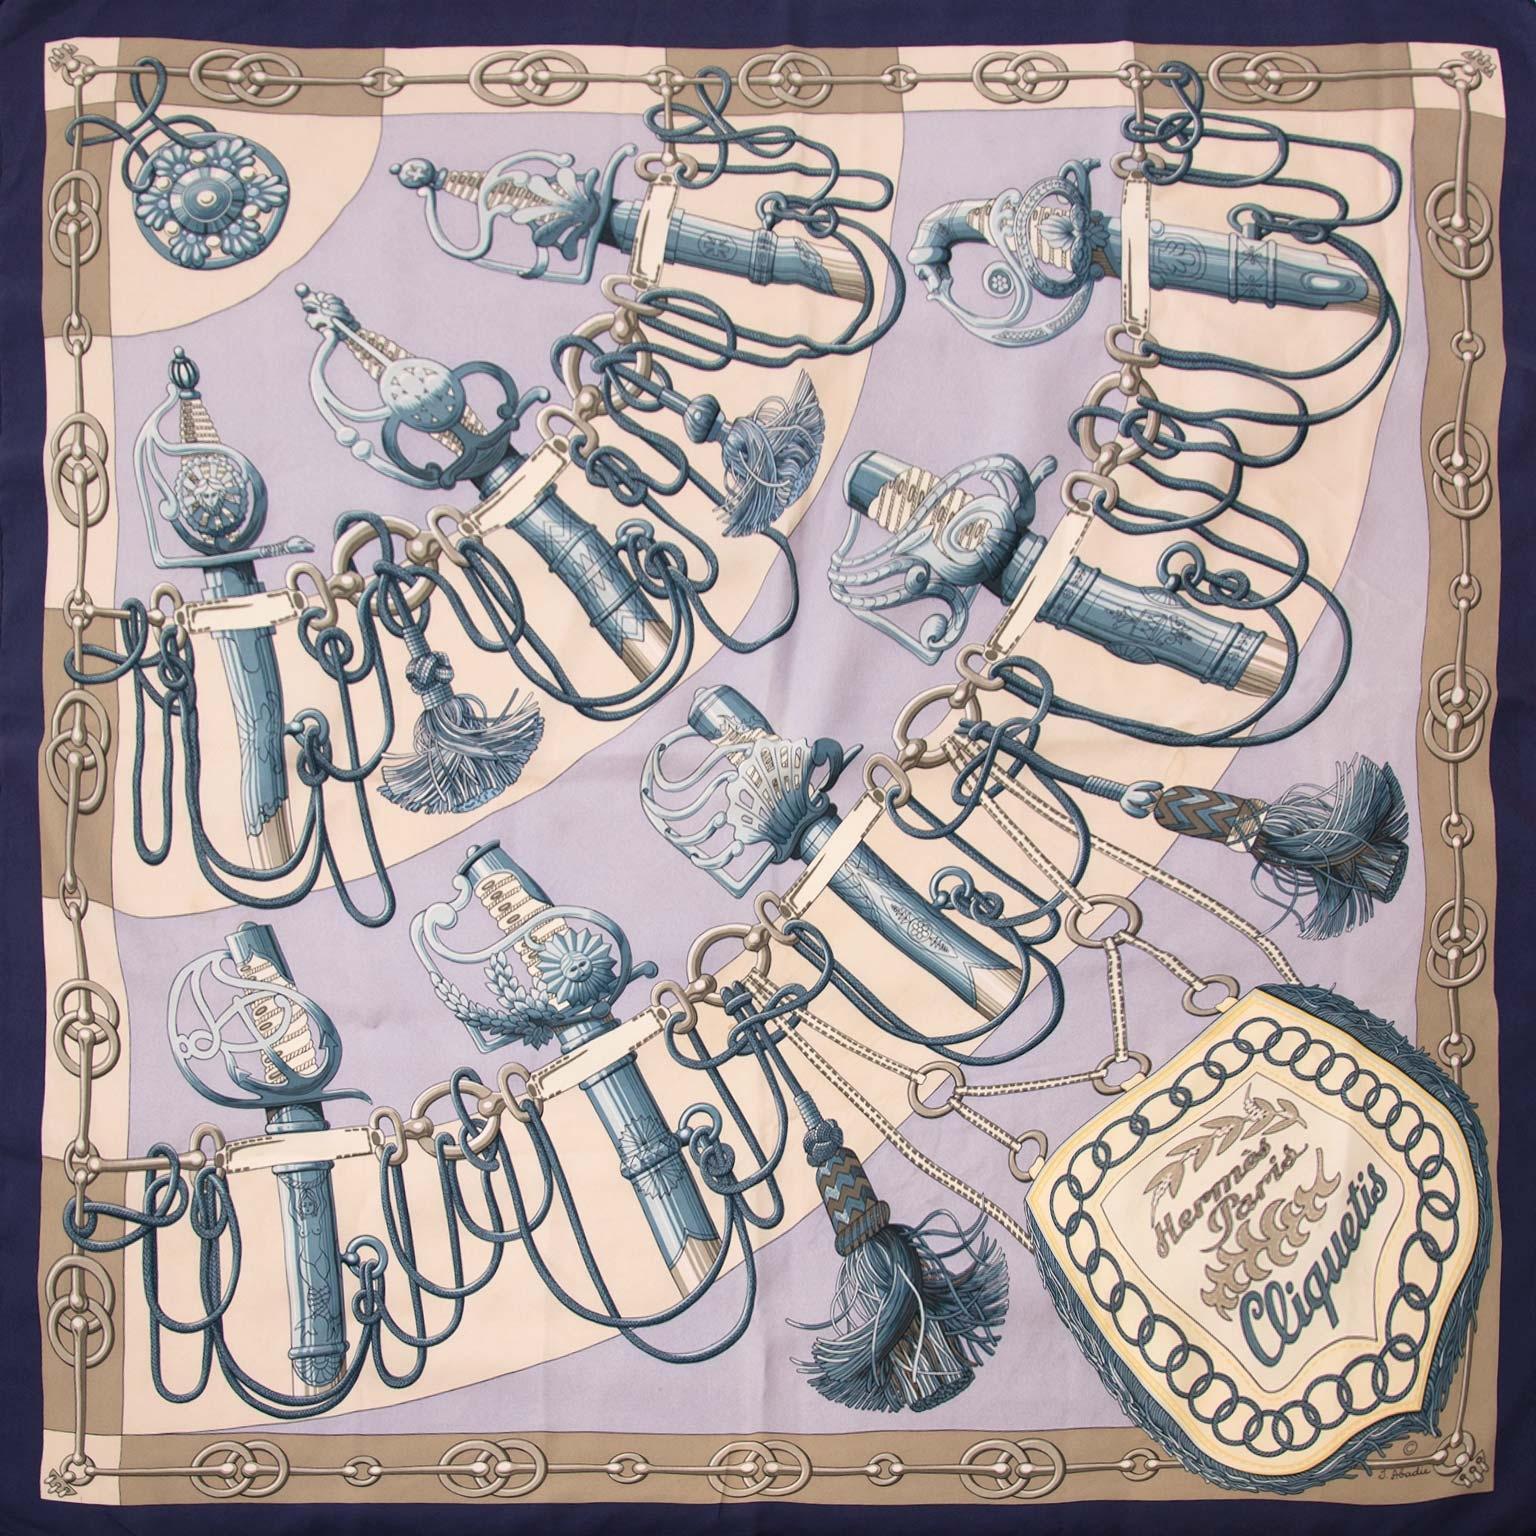 Koop authentieke Hermès sjaals nu online bij Labellov vintage webshop